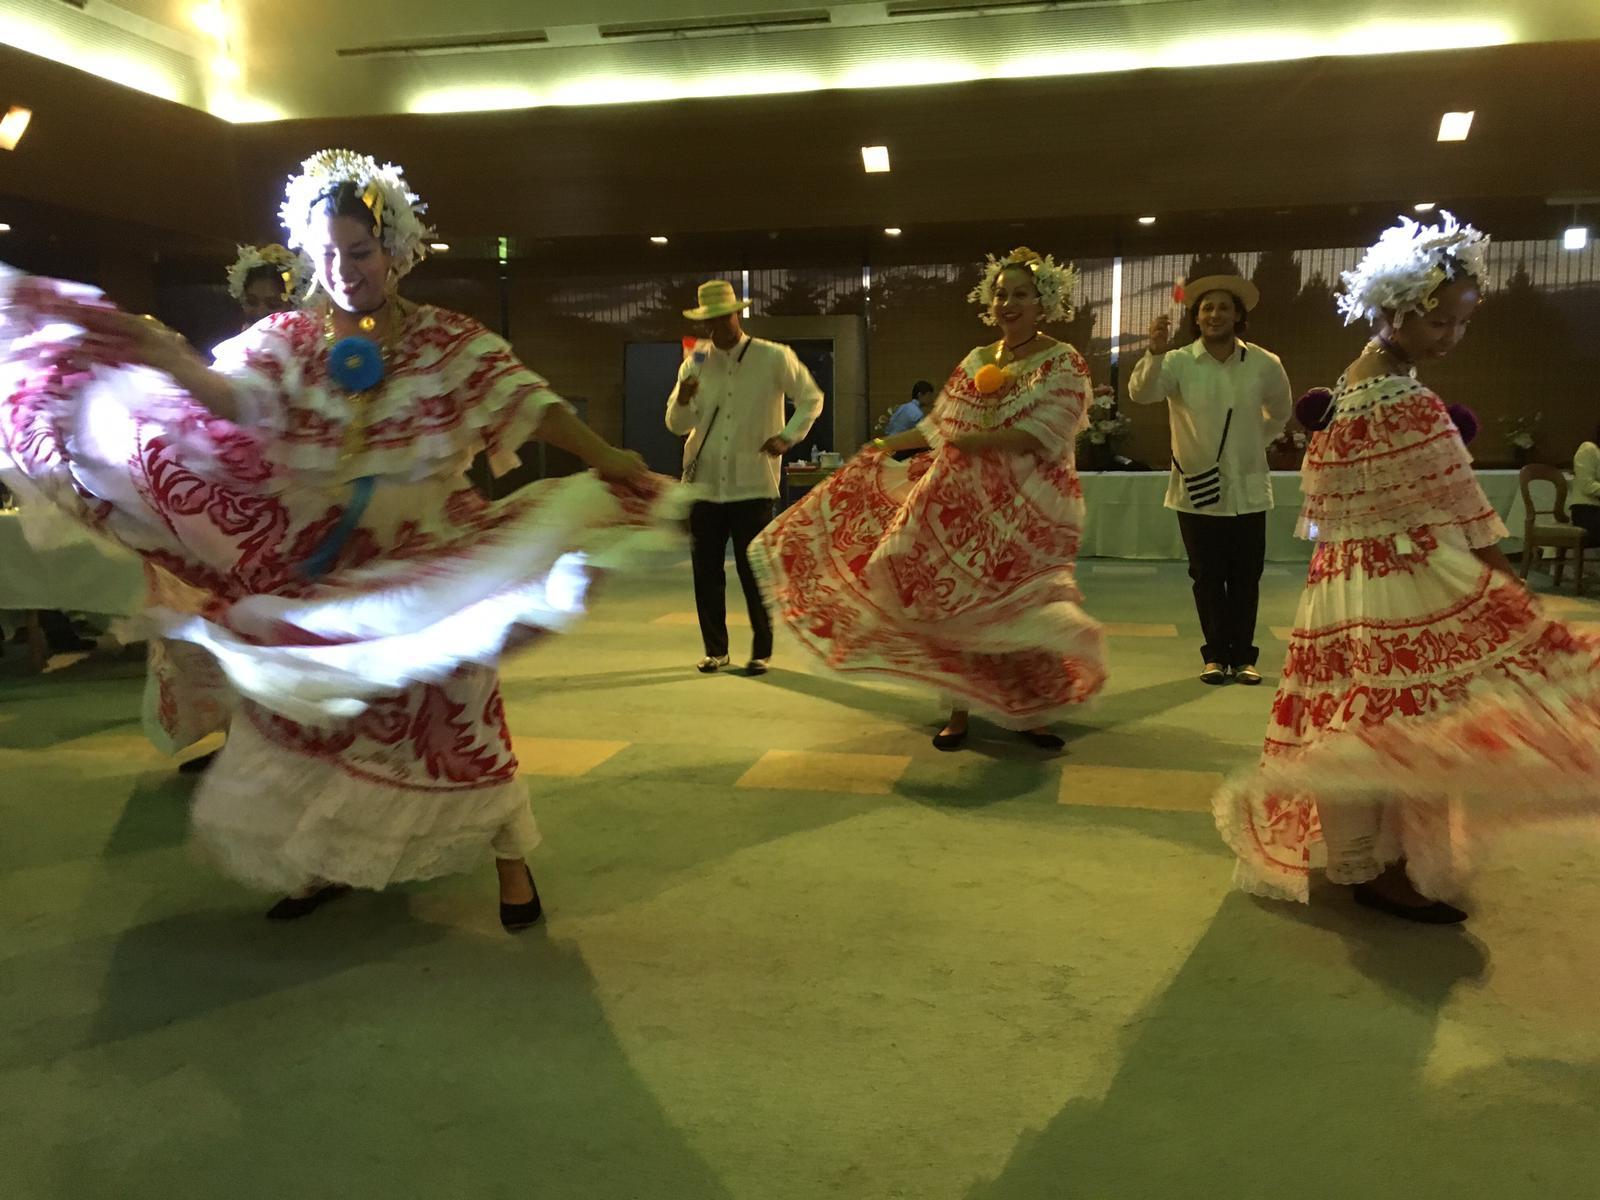 パナマダンスショーの様子